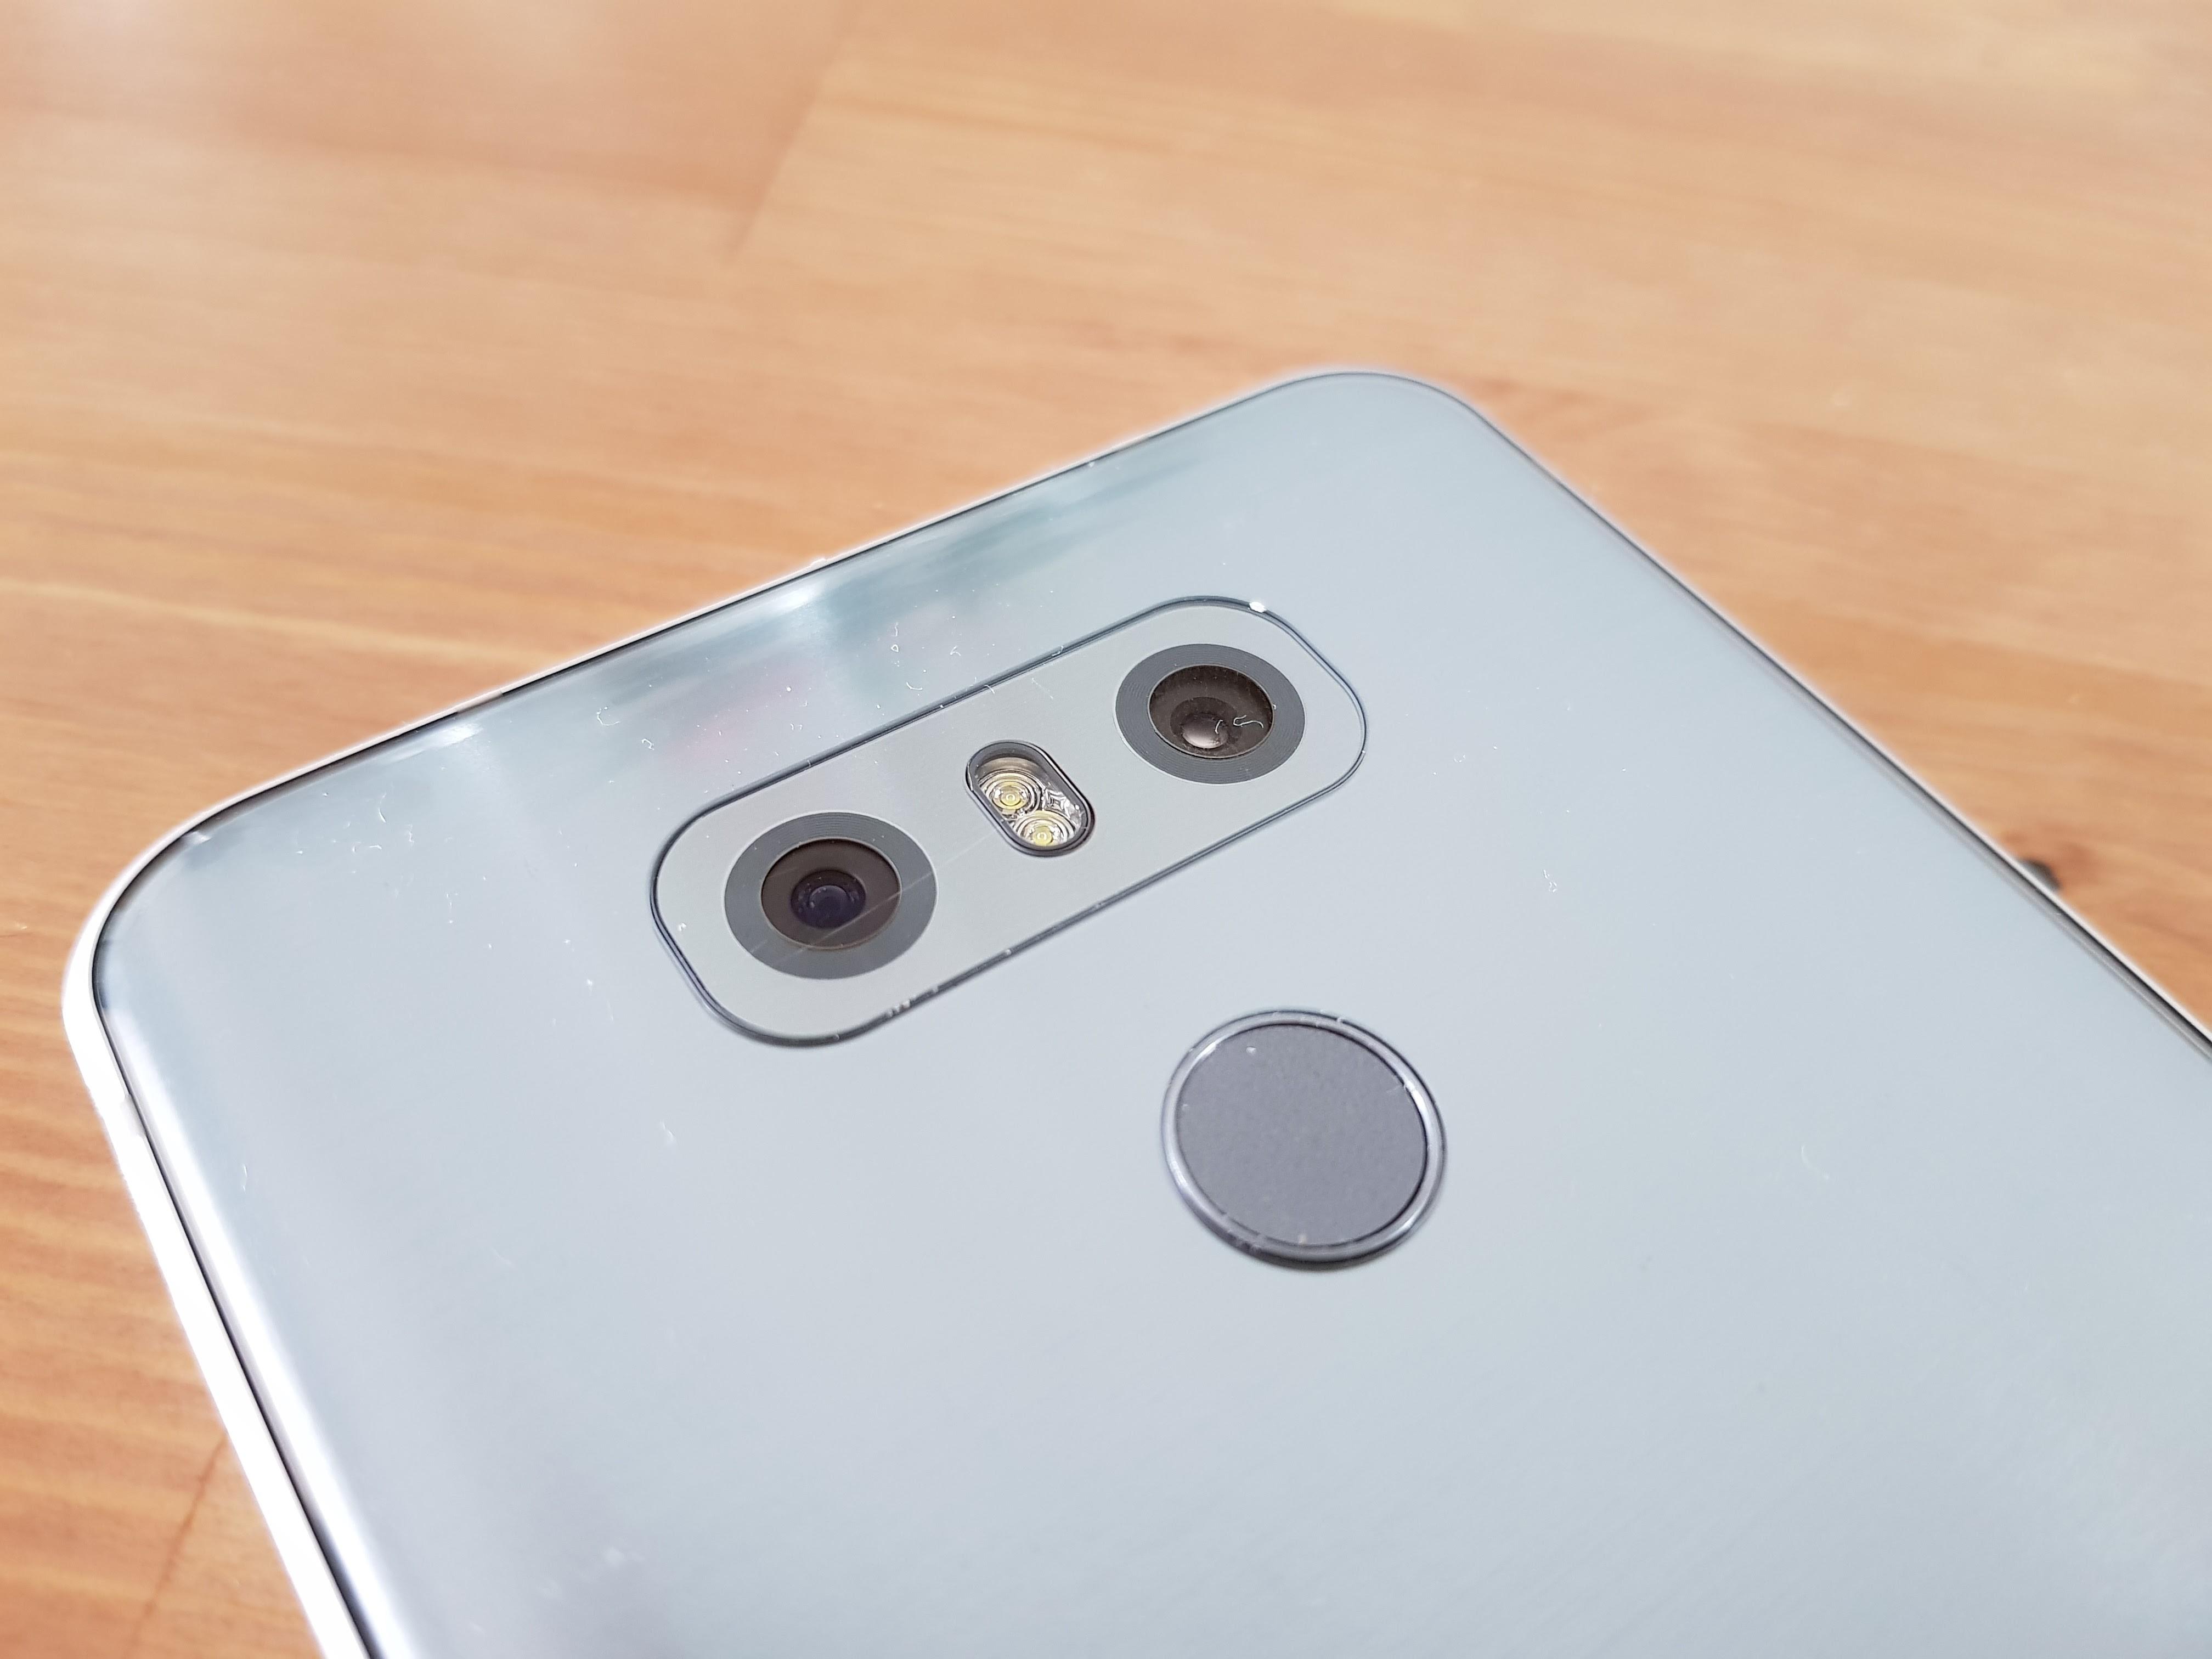 LG G6 Pro e G6 Plus: i rumors su uscita e schede tecniche